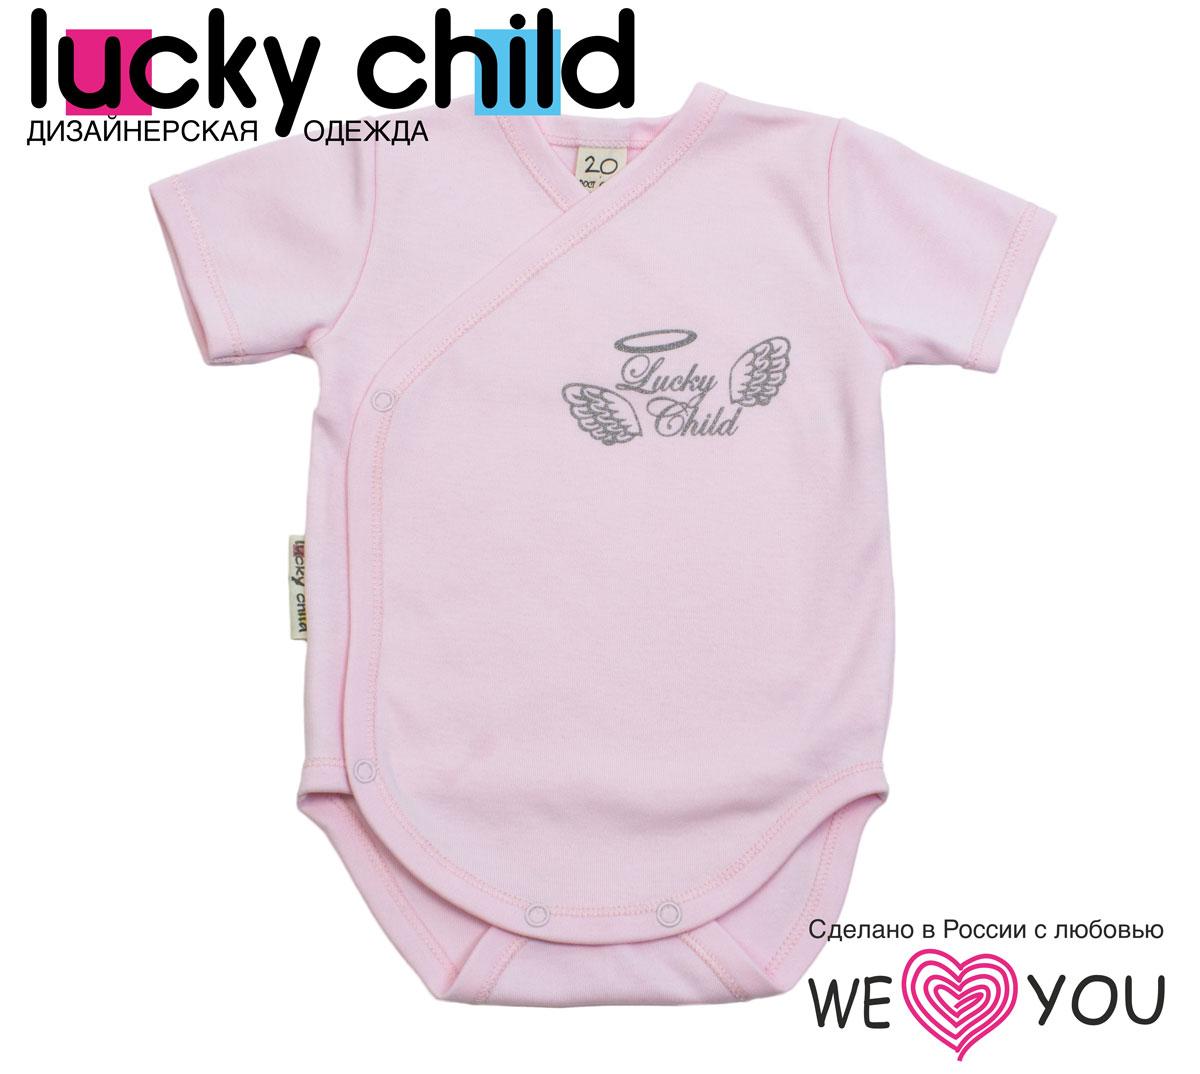 Боди-футболка детское Lucky Child Ангелы, цвет: розовый. 17-51. Размер 62/6817-51Детское боди-футболка Lucky Child Ангелы с короткими рукавами послужит идеальным дополнением к гардеробу малыша в теплое время года, обеспечивая ему наибольший комфорт. Боди изготовлено из интерлока - натурального хлопка, благодаря чему оно необычайно мягкое и легкое, не раздражает нежную кожу ребенка и хорошо вентилируется, а эластичные швы приятны телу малыша и не препятствуют его движениям. Удобные застежки-кнопки по принципу «кимоно» и на ластовице помогают легко переодеть младенца и сменить подгузник. Боди на груди оформлено надписью в виде логотипа бренда и изображением крылышек, а на спинке дополнено текстильными крылышками, вышитыми металлизированной нитью.Боди полностью соответствует особенностям жизни малыша в ранний период, не стесняя и не ограничивая его в движениях. В нем ваш ребенок всегда будет в центре внимания.